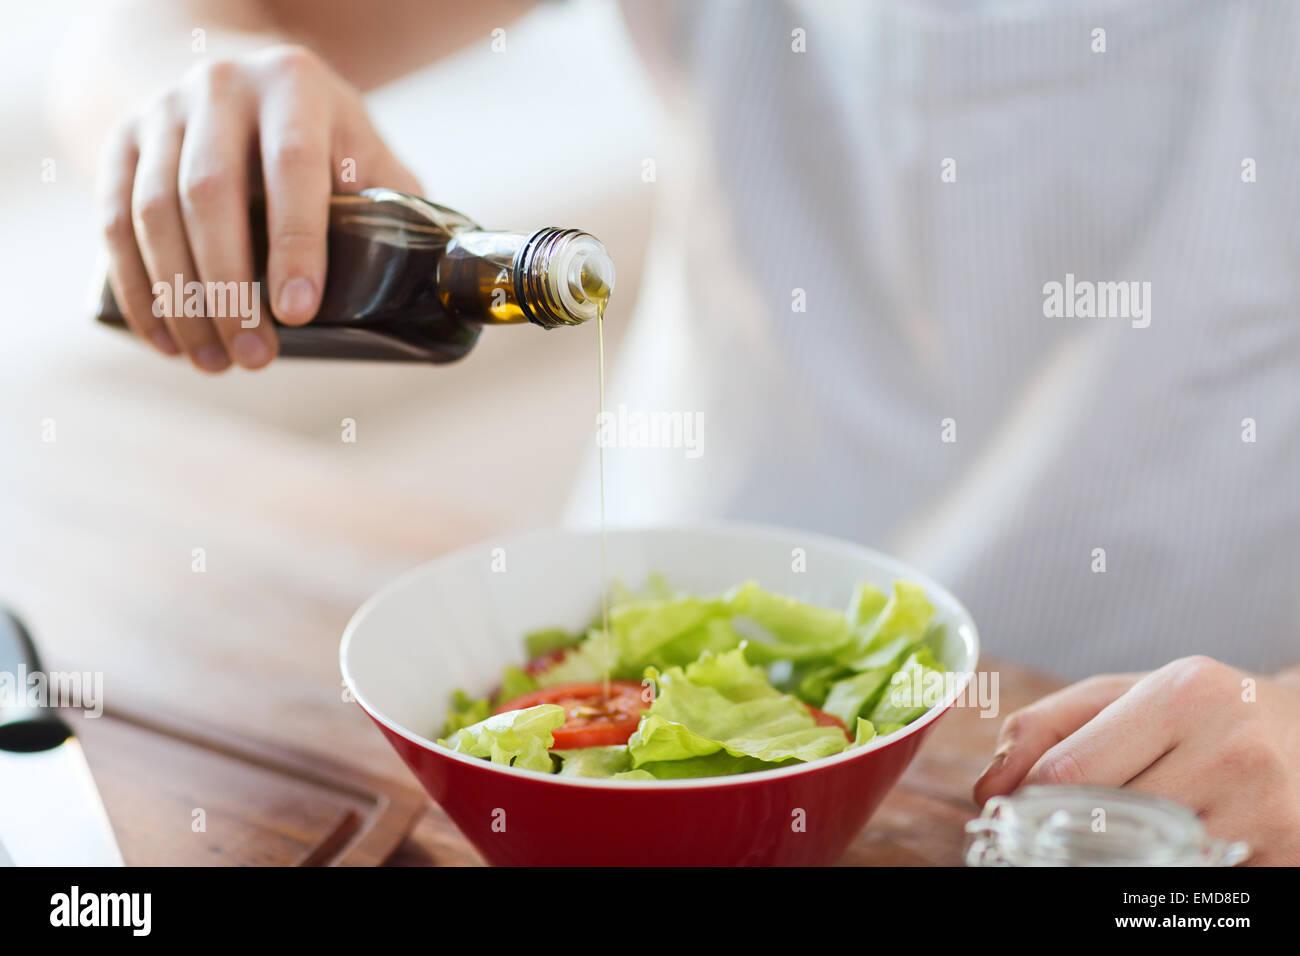 Cerca de manos masculinas aromatizantes en un tazón de ensalada Imagen De Stock